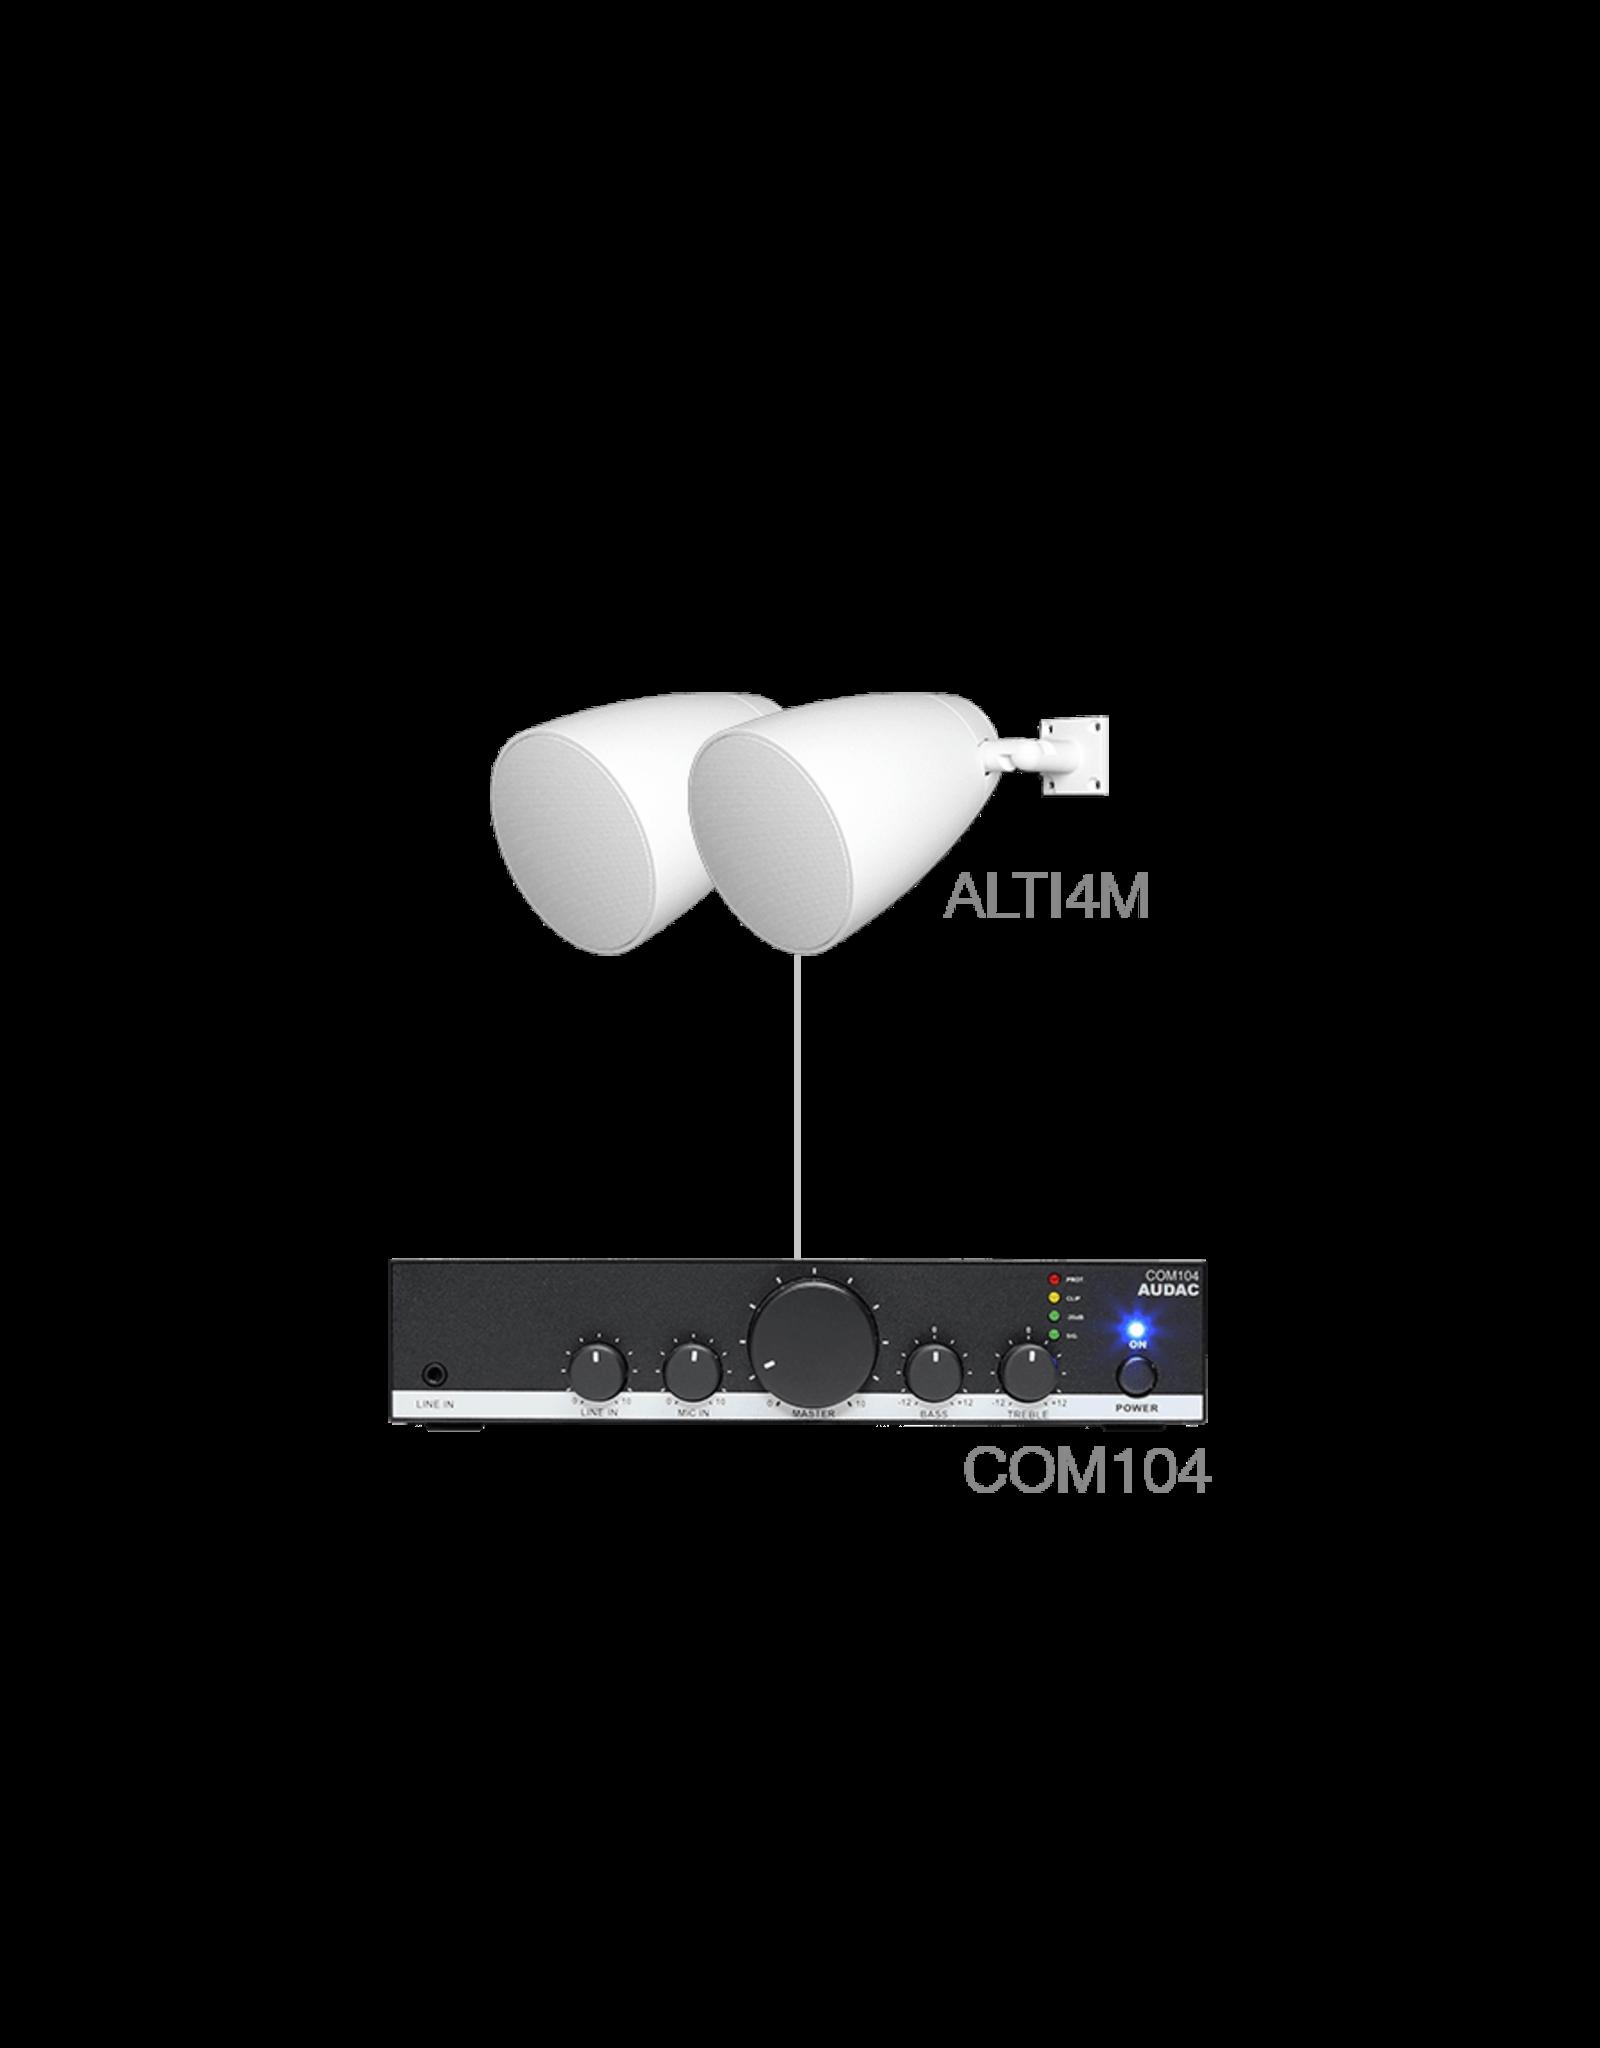 Audac 2 x ALTI4M + COM104 White